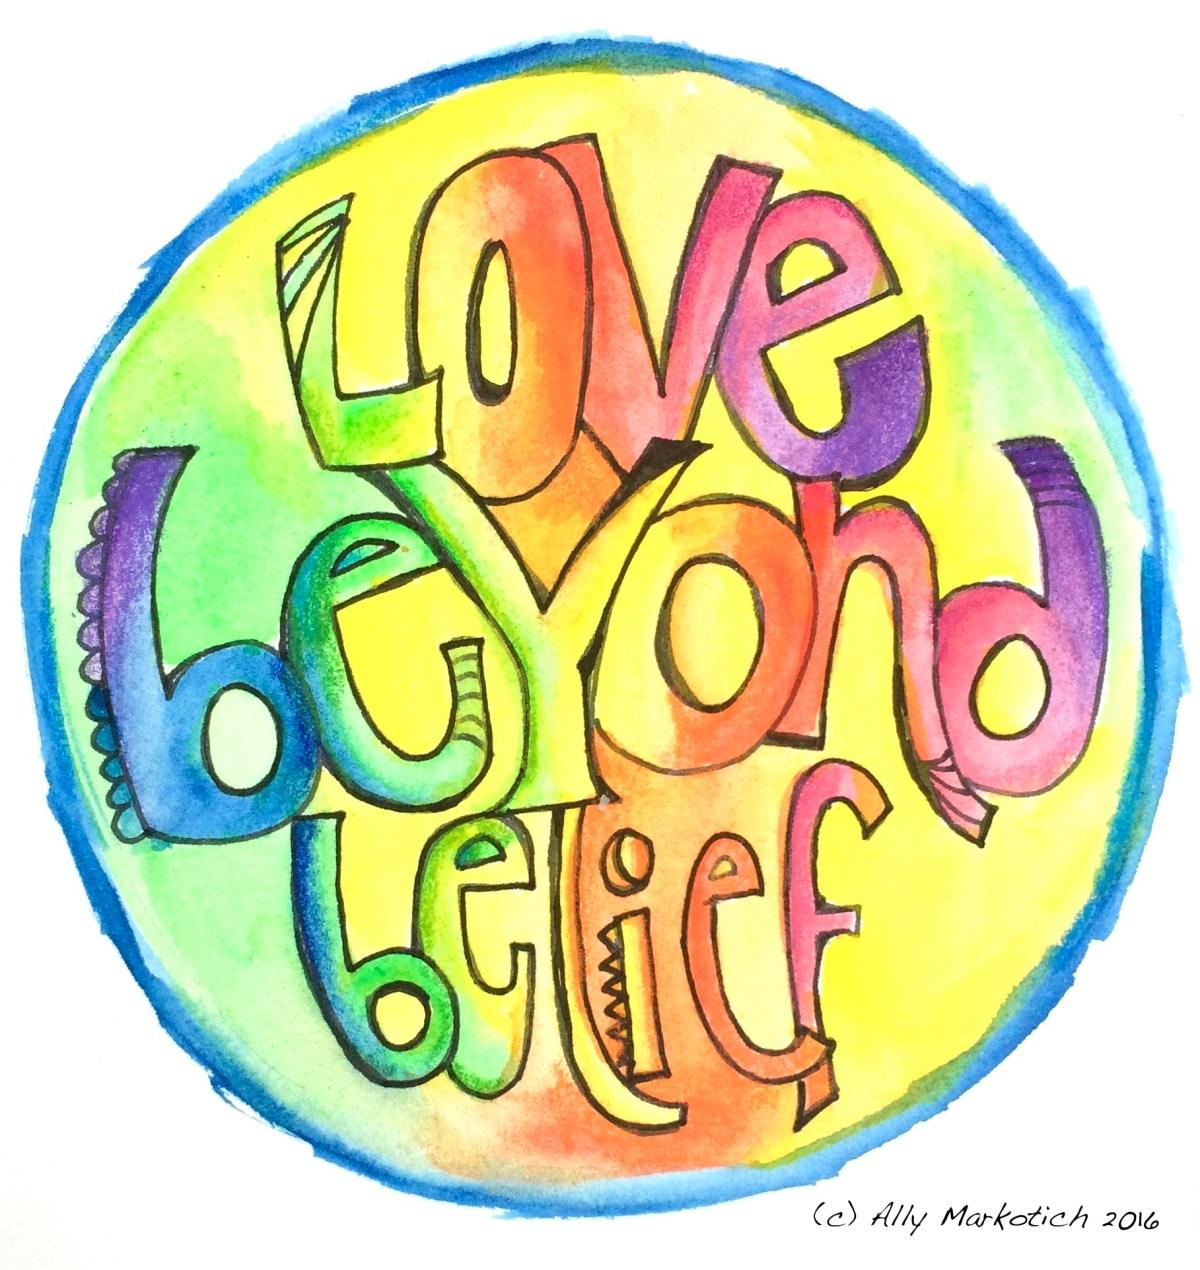 lovebeyondbelief